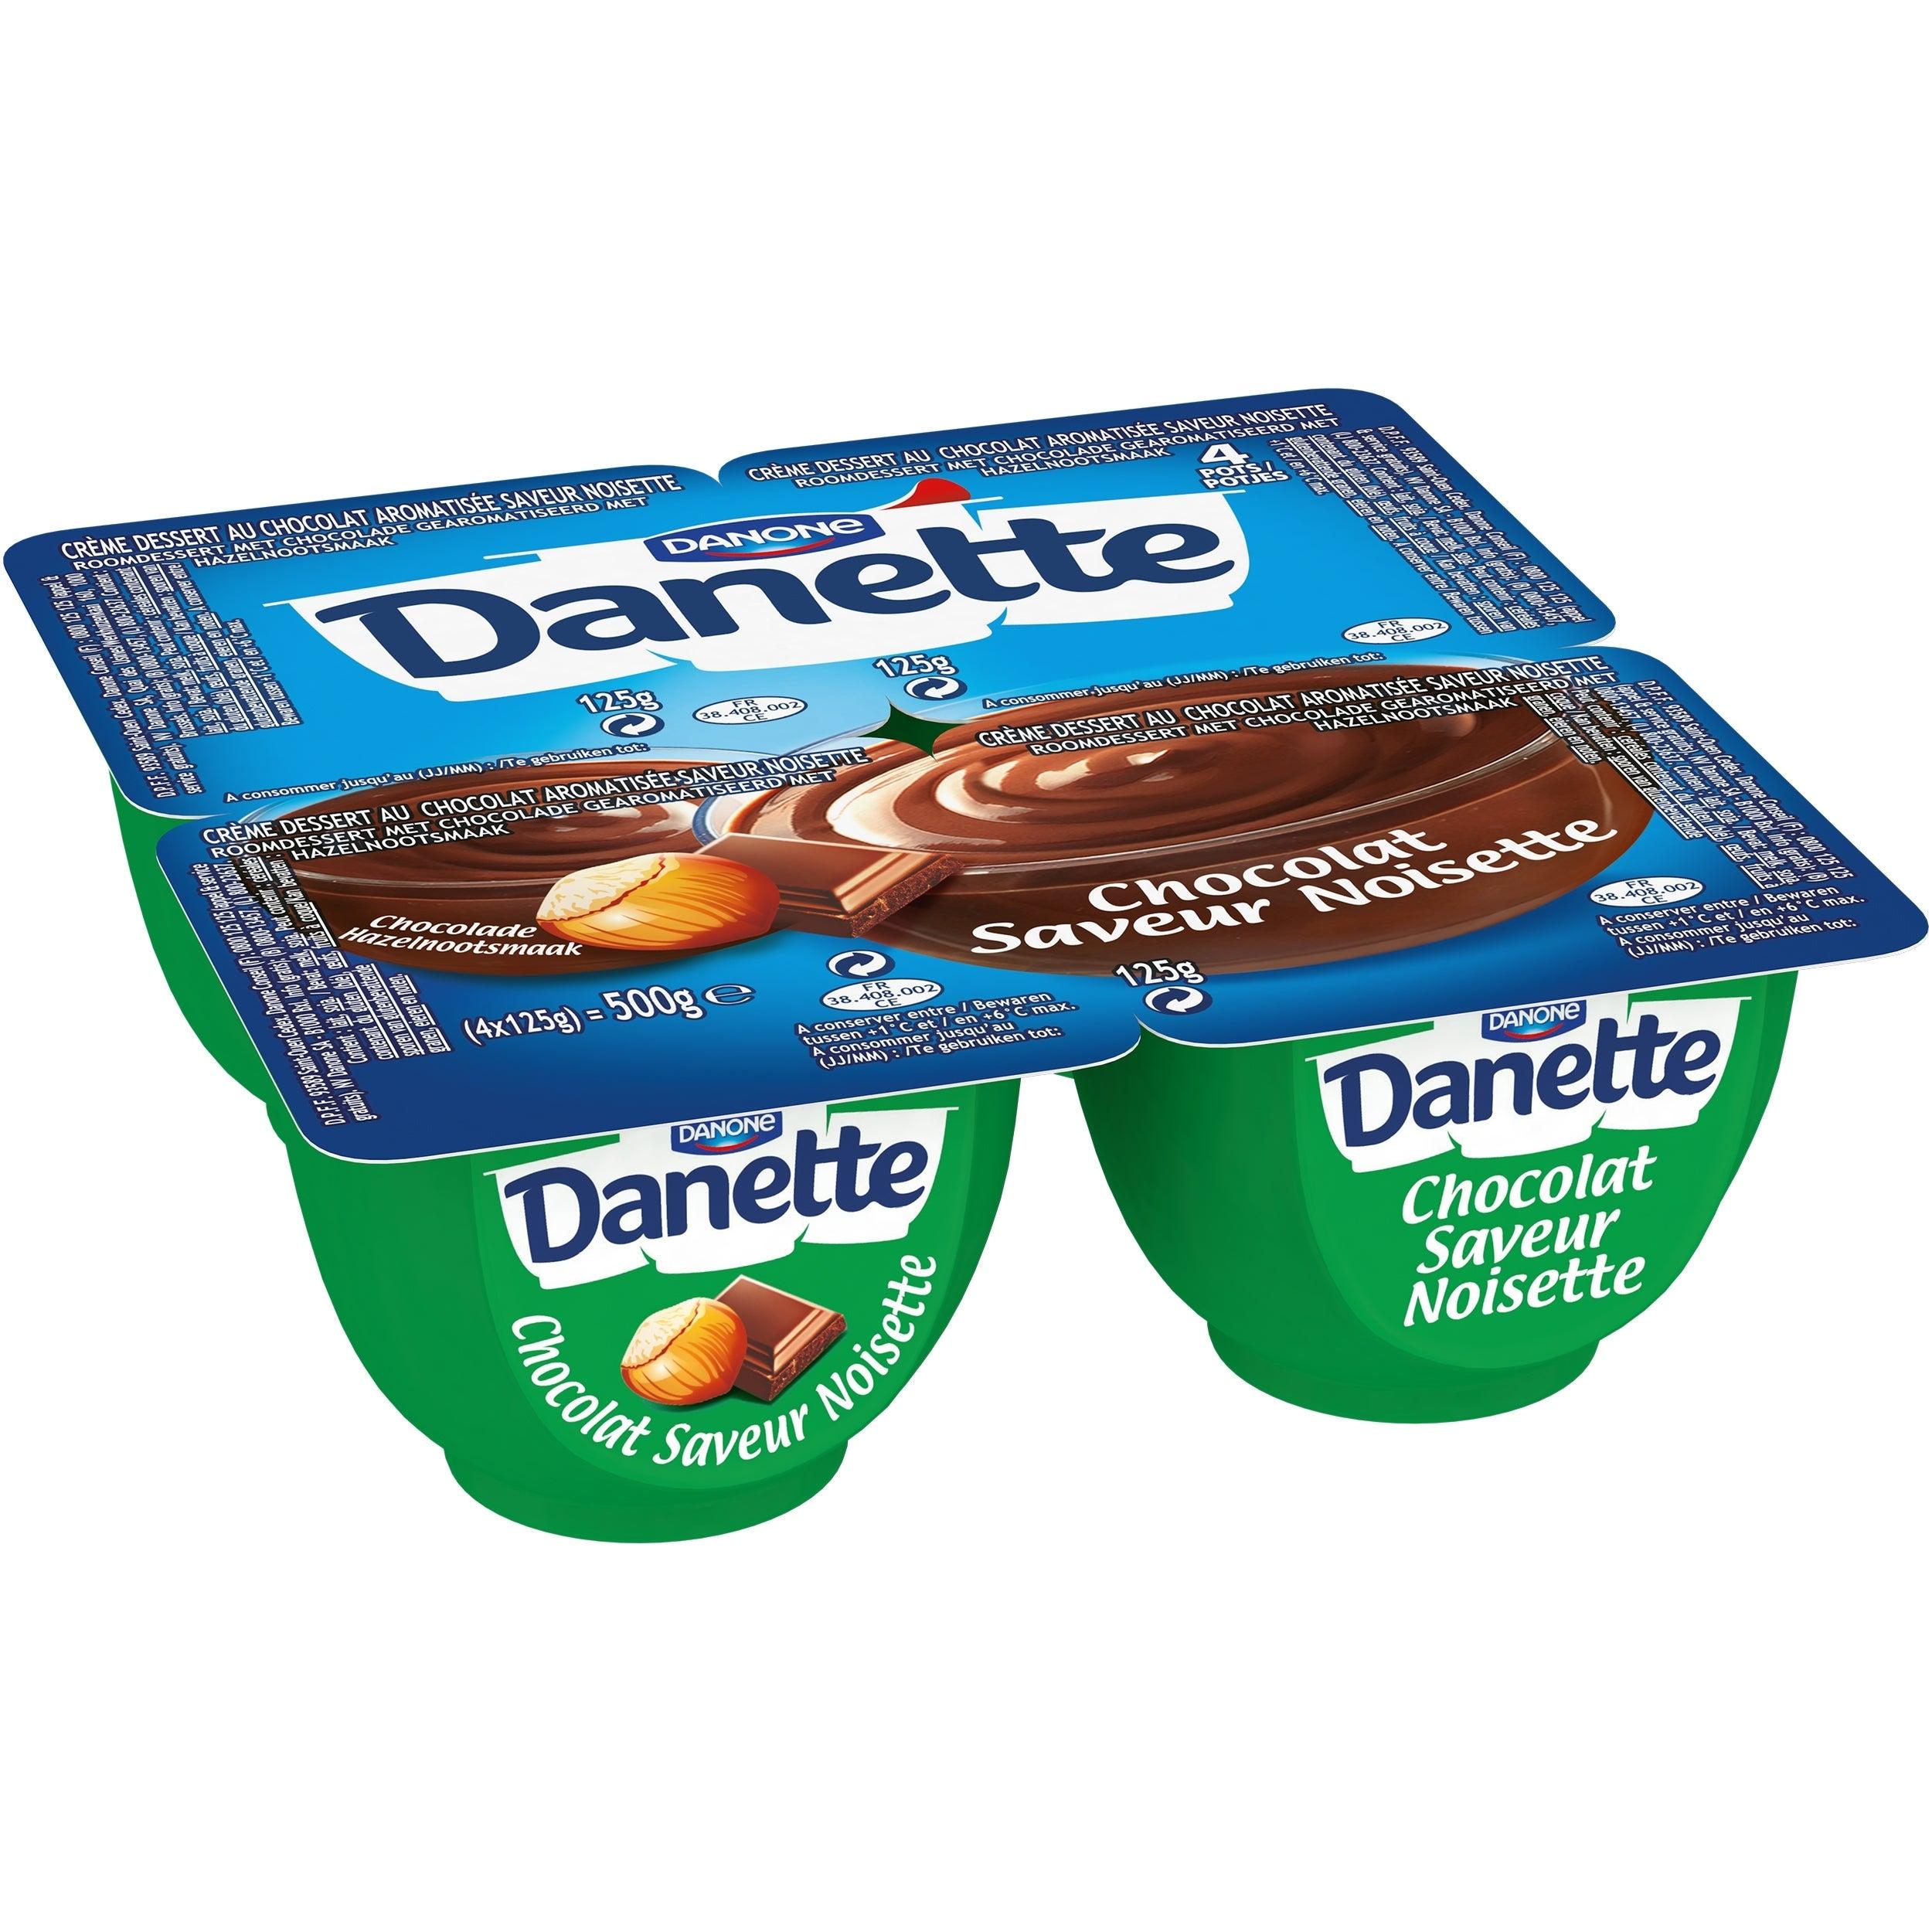 Danette Chocolat-Noisette 4x125g